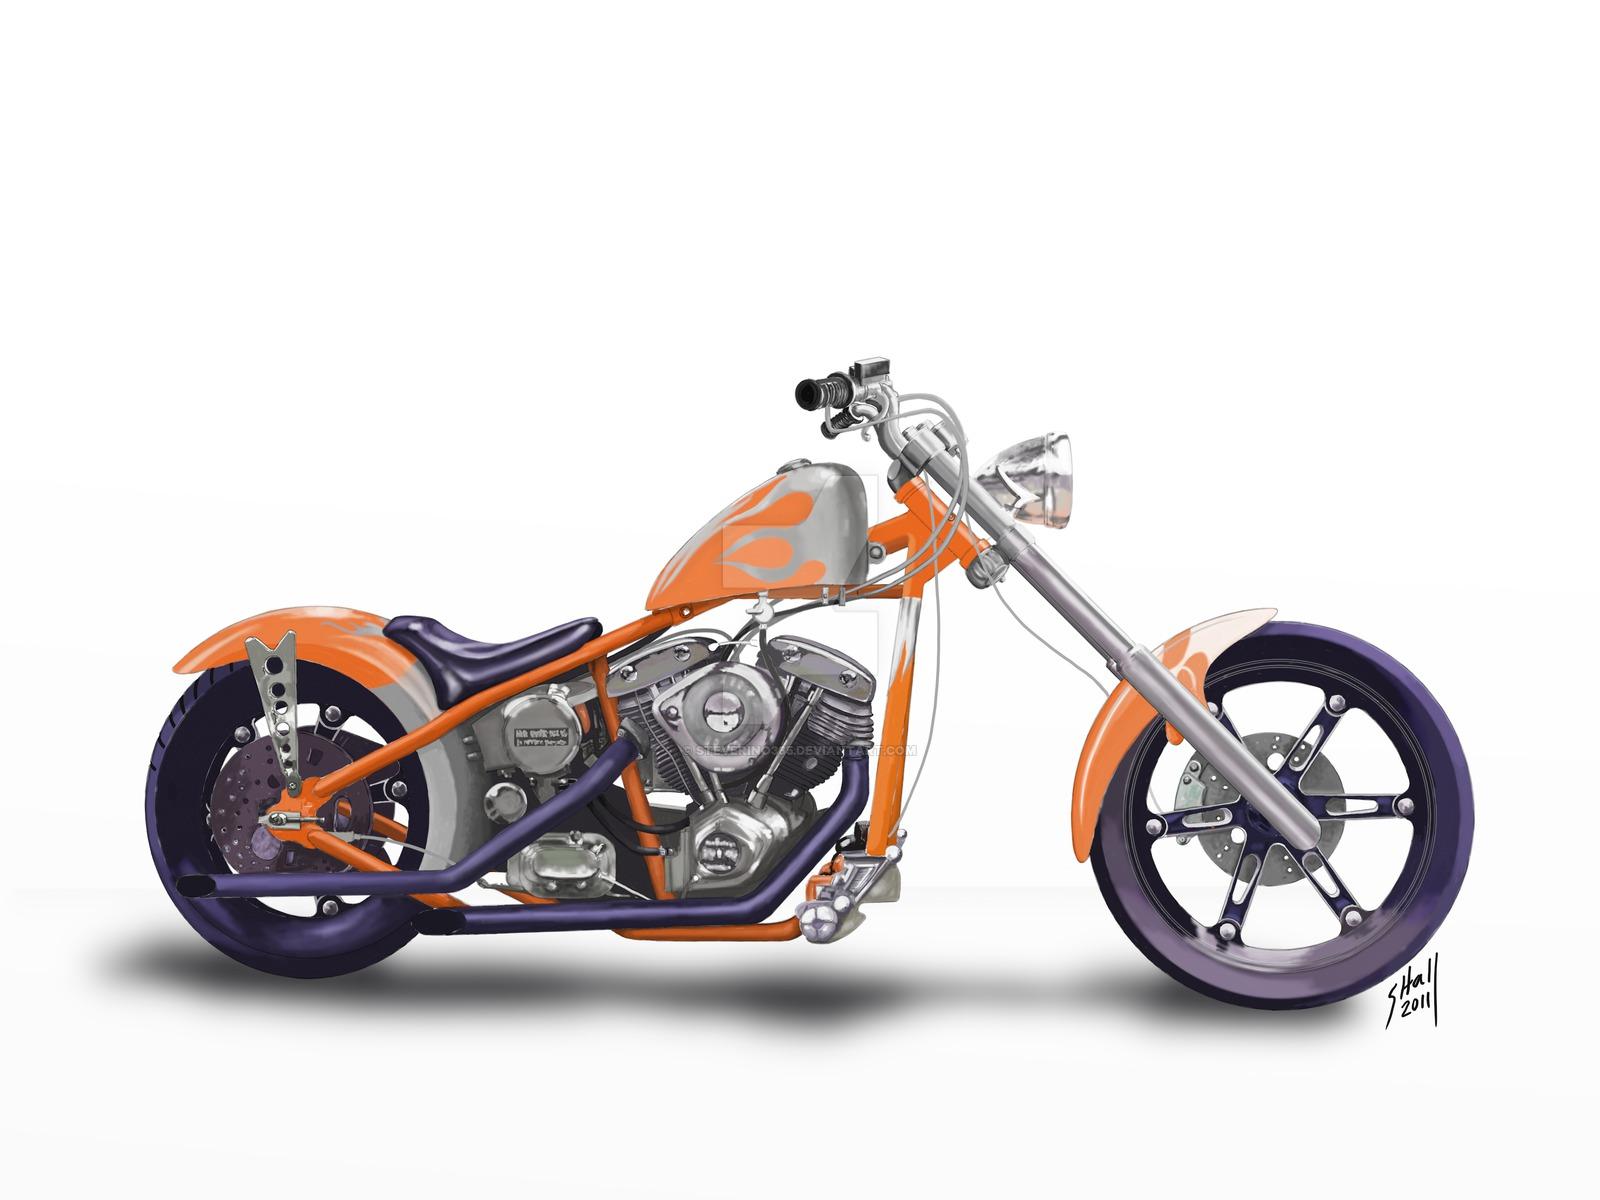 Harley Motorcycle Drawing on Knucklehead Engine Drawings